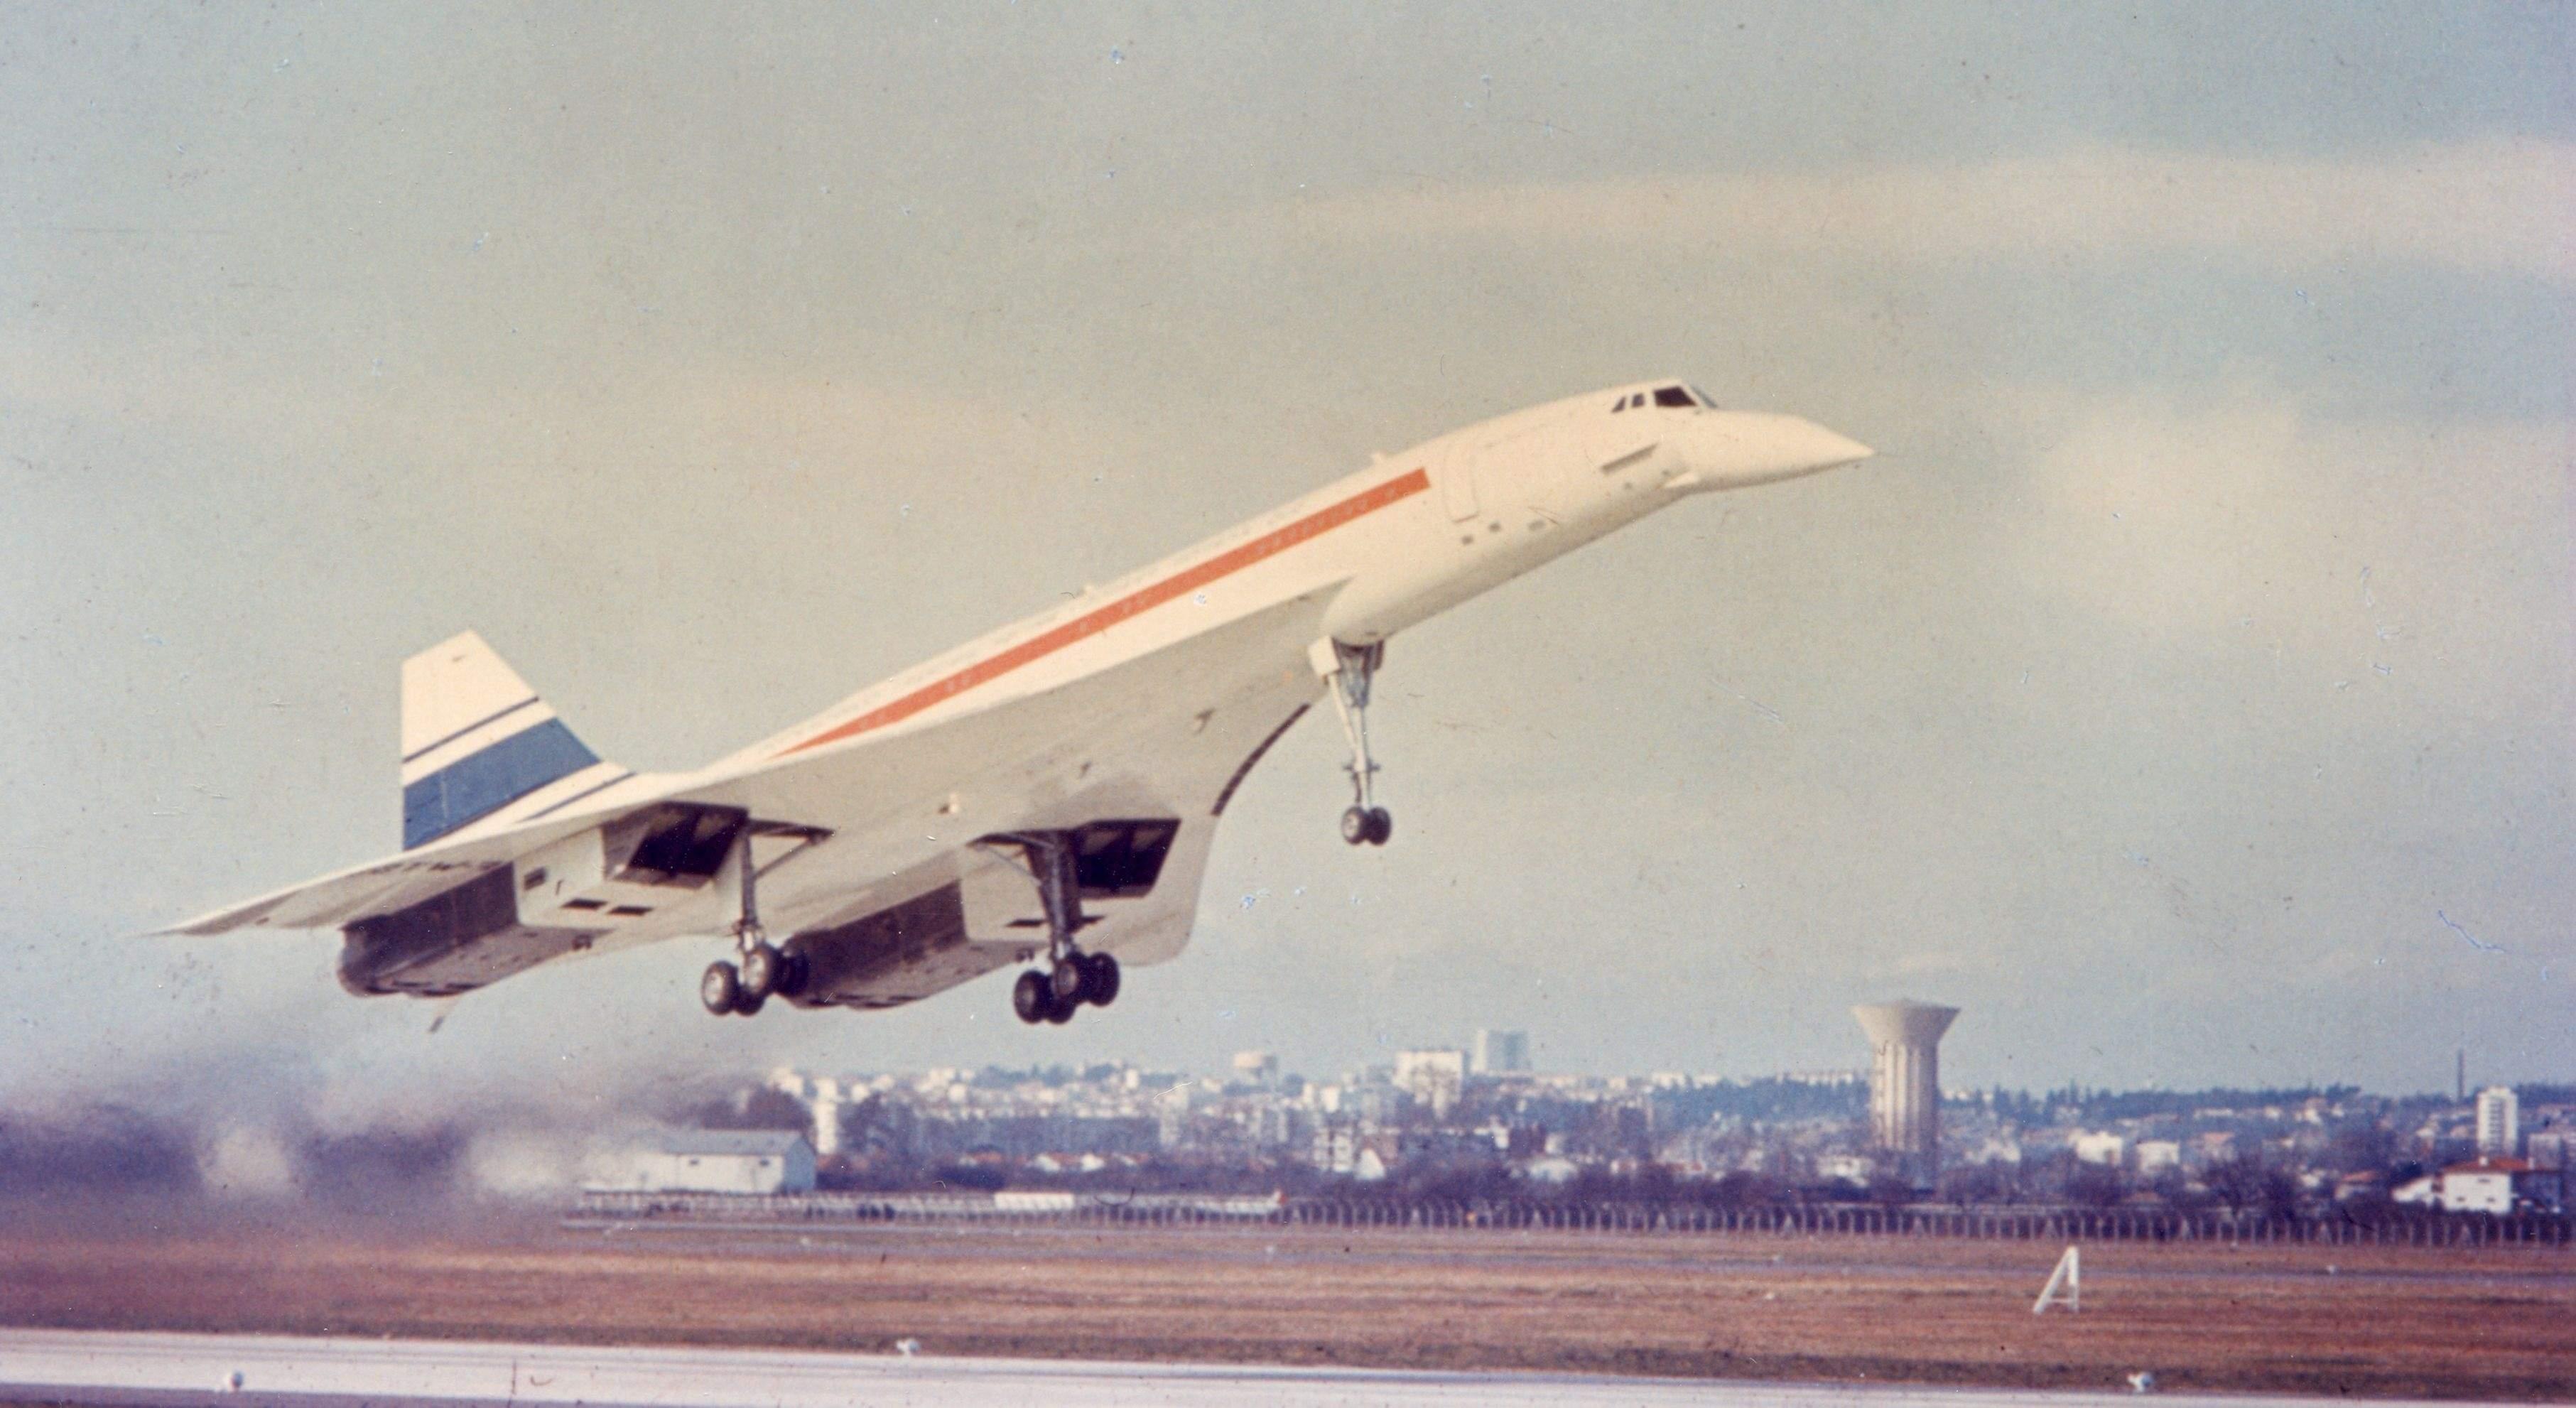 Así fue el primer vuelo del Concorde: el tributo de Airbus a la velocidad  supersónica - elEconomista.es